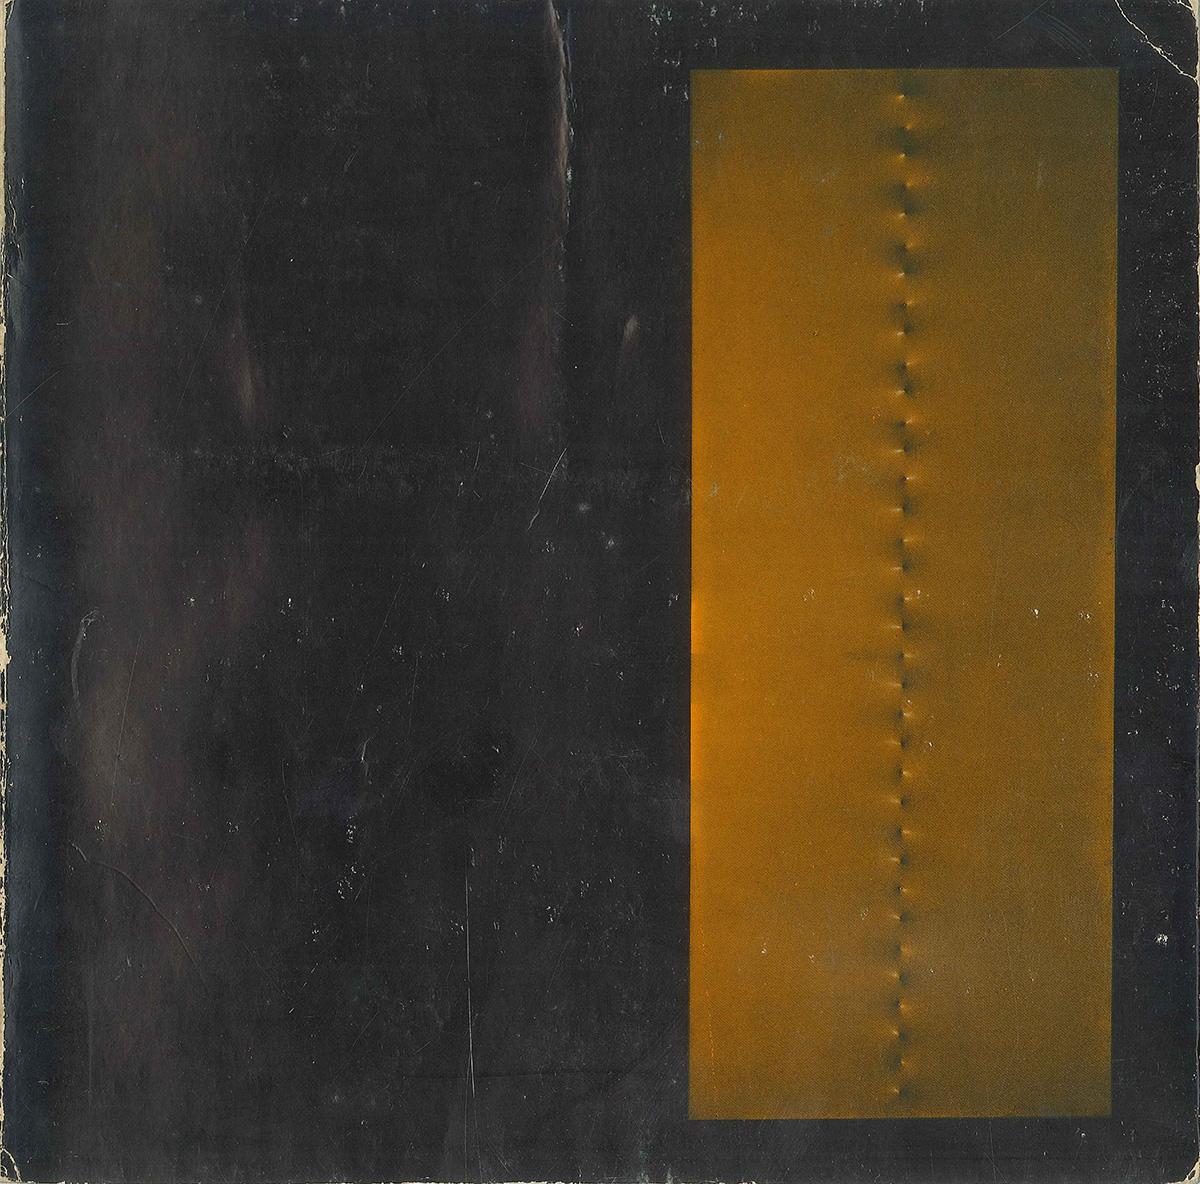 Copertina - Enrico Castellani, Achille Bonito Oliva, Arturo Carlo Quintavalle, 1976, Università di Parma, Centro Studi e Archivio della Comunicazione, Parma